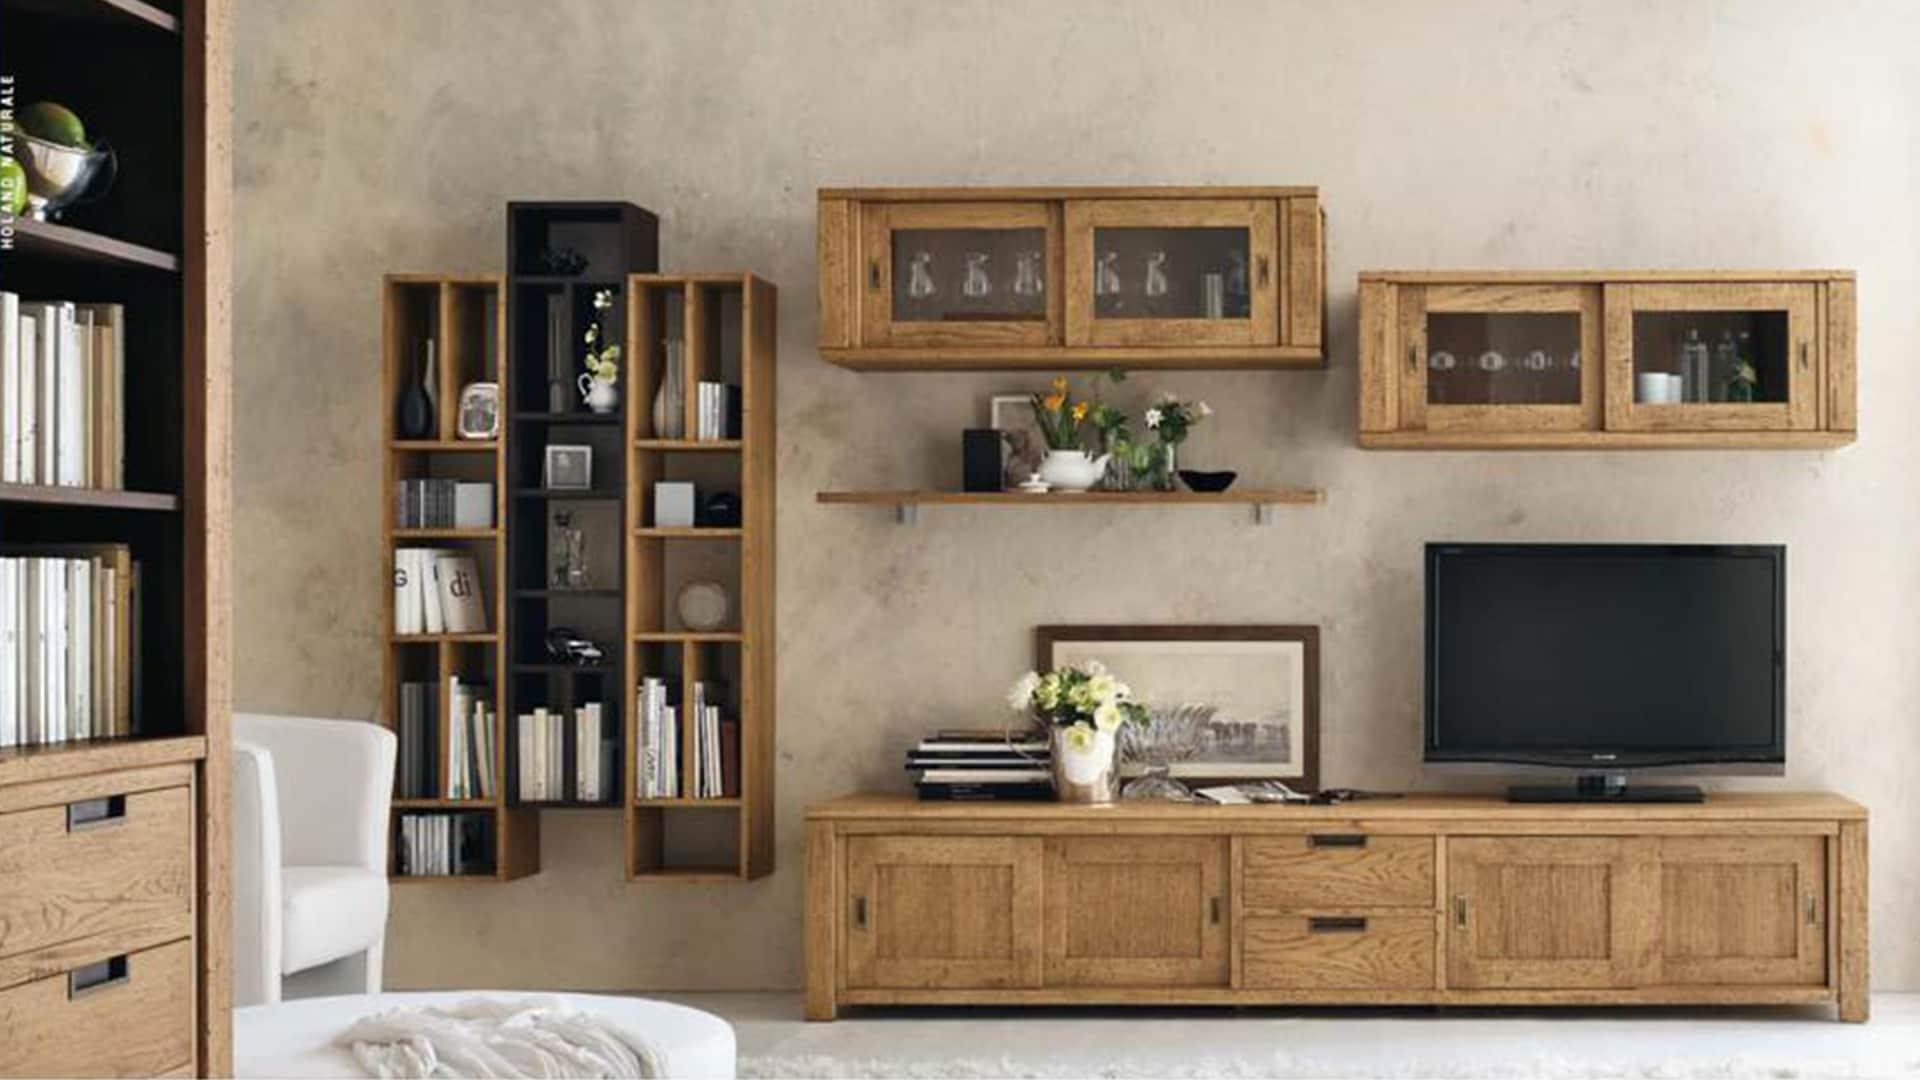 Mobili per soggiorno in legno arredamenti meneghello - Mobili per tv in legno ...